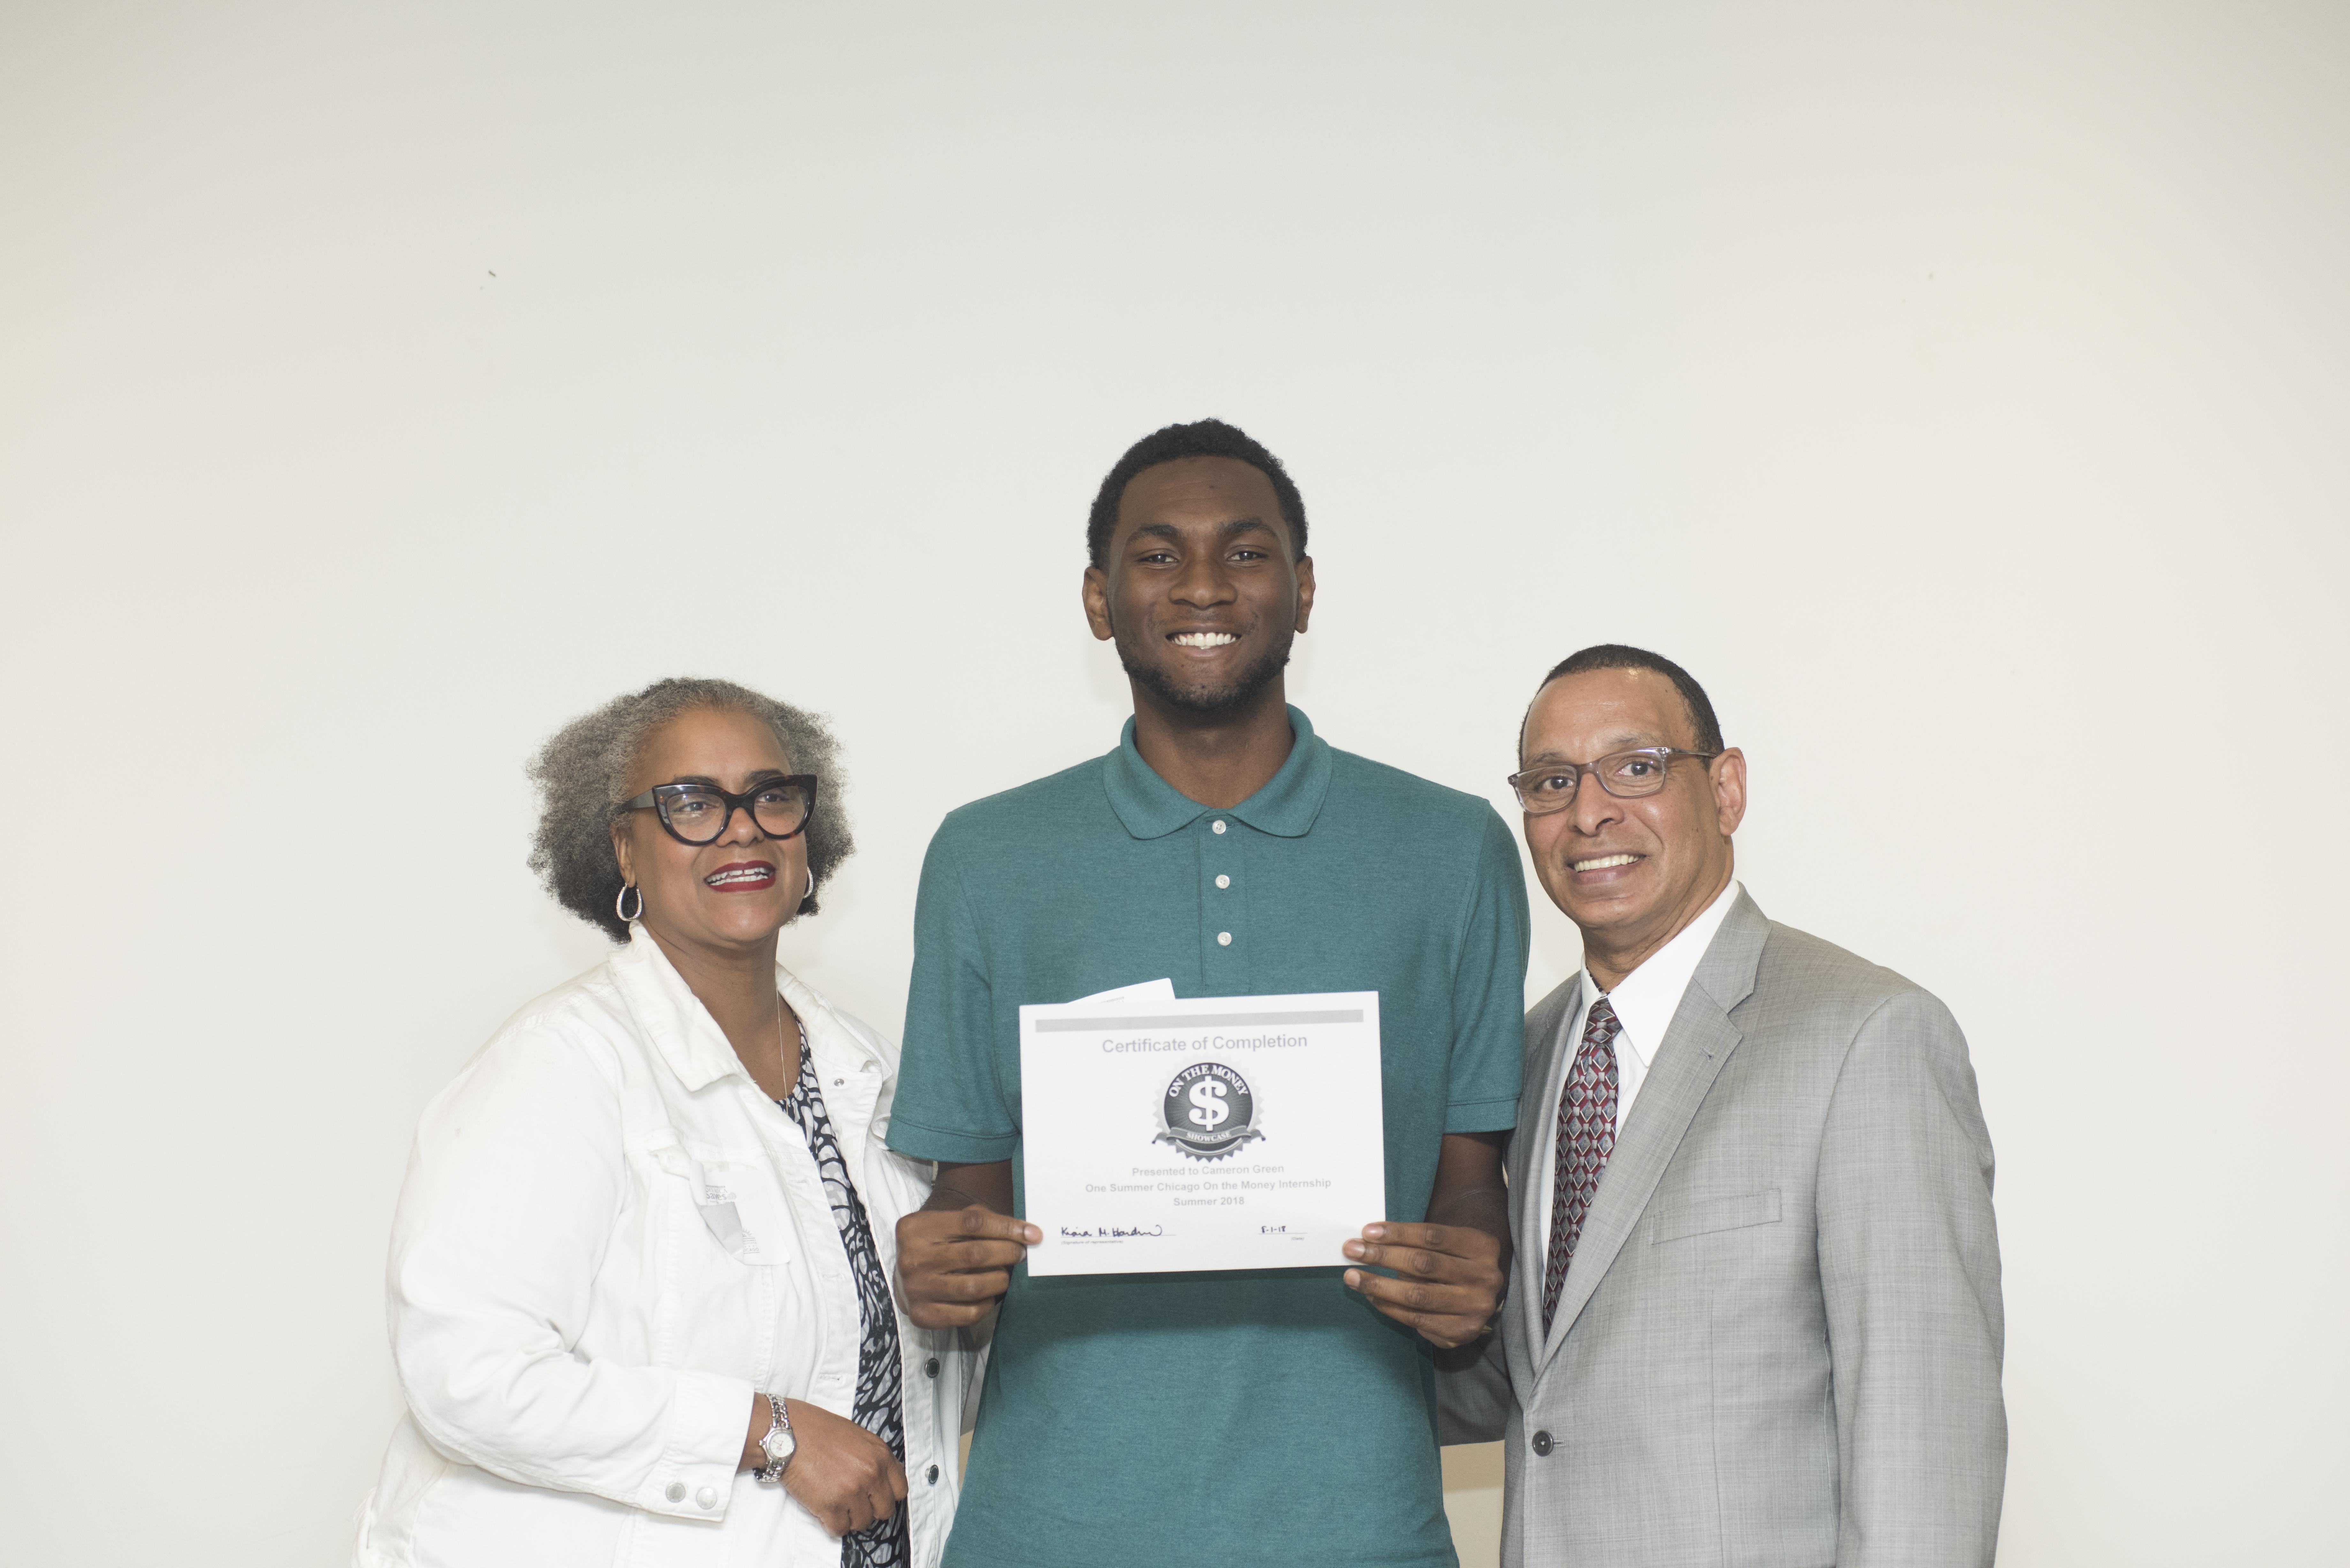 Certificate cameron